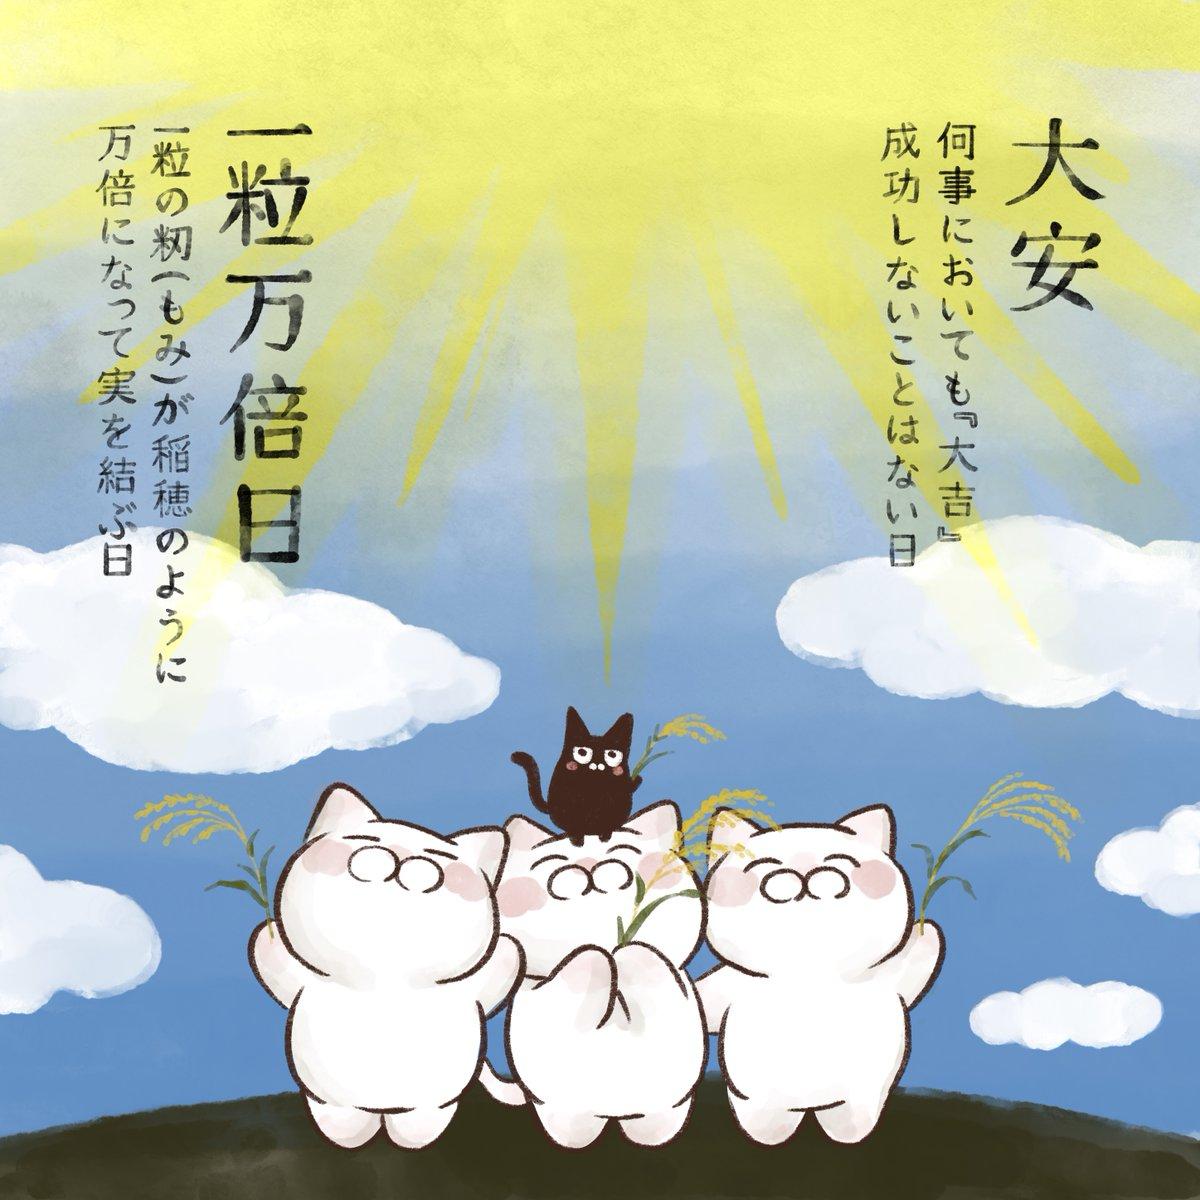 本日9月28日は【大安】と【一粒万倍日】の2つが重なる縁起の良い日。